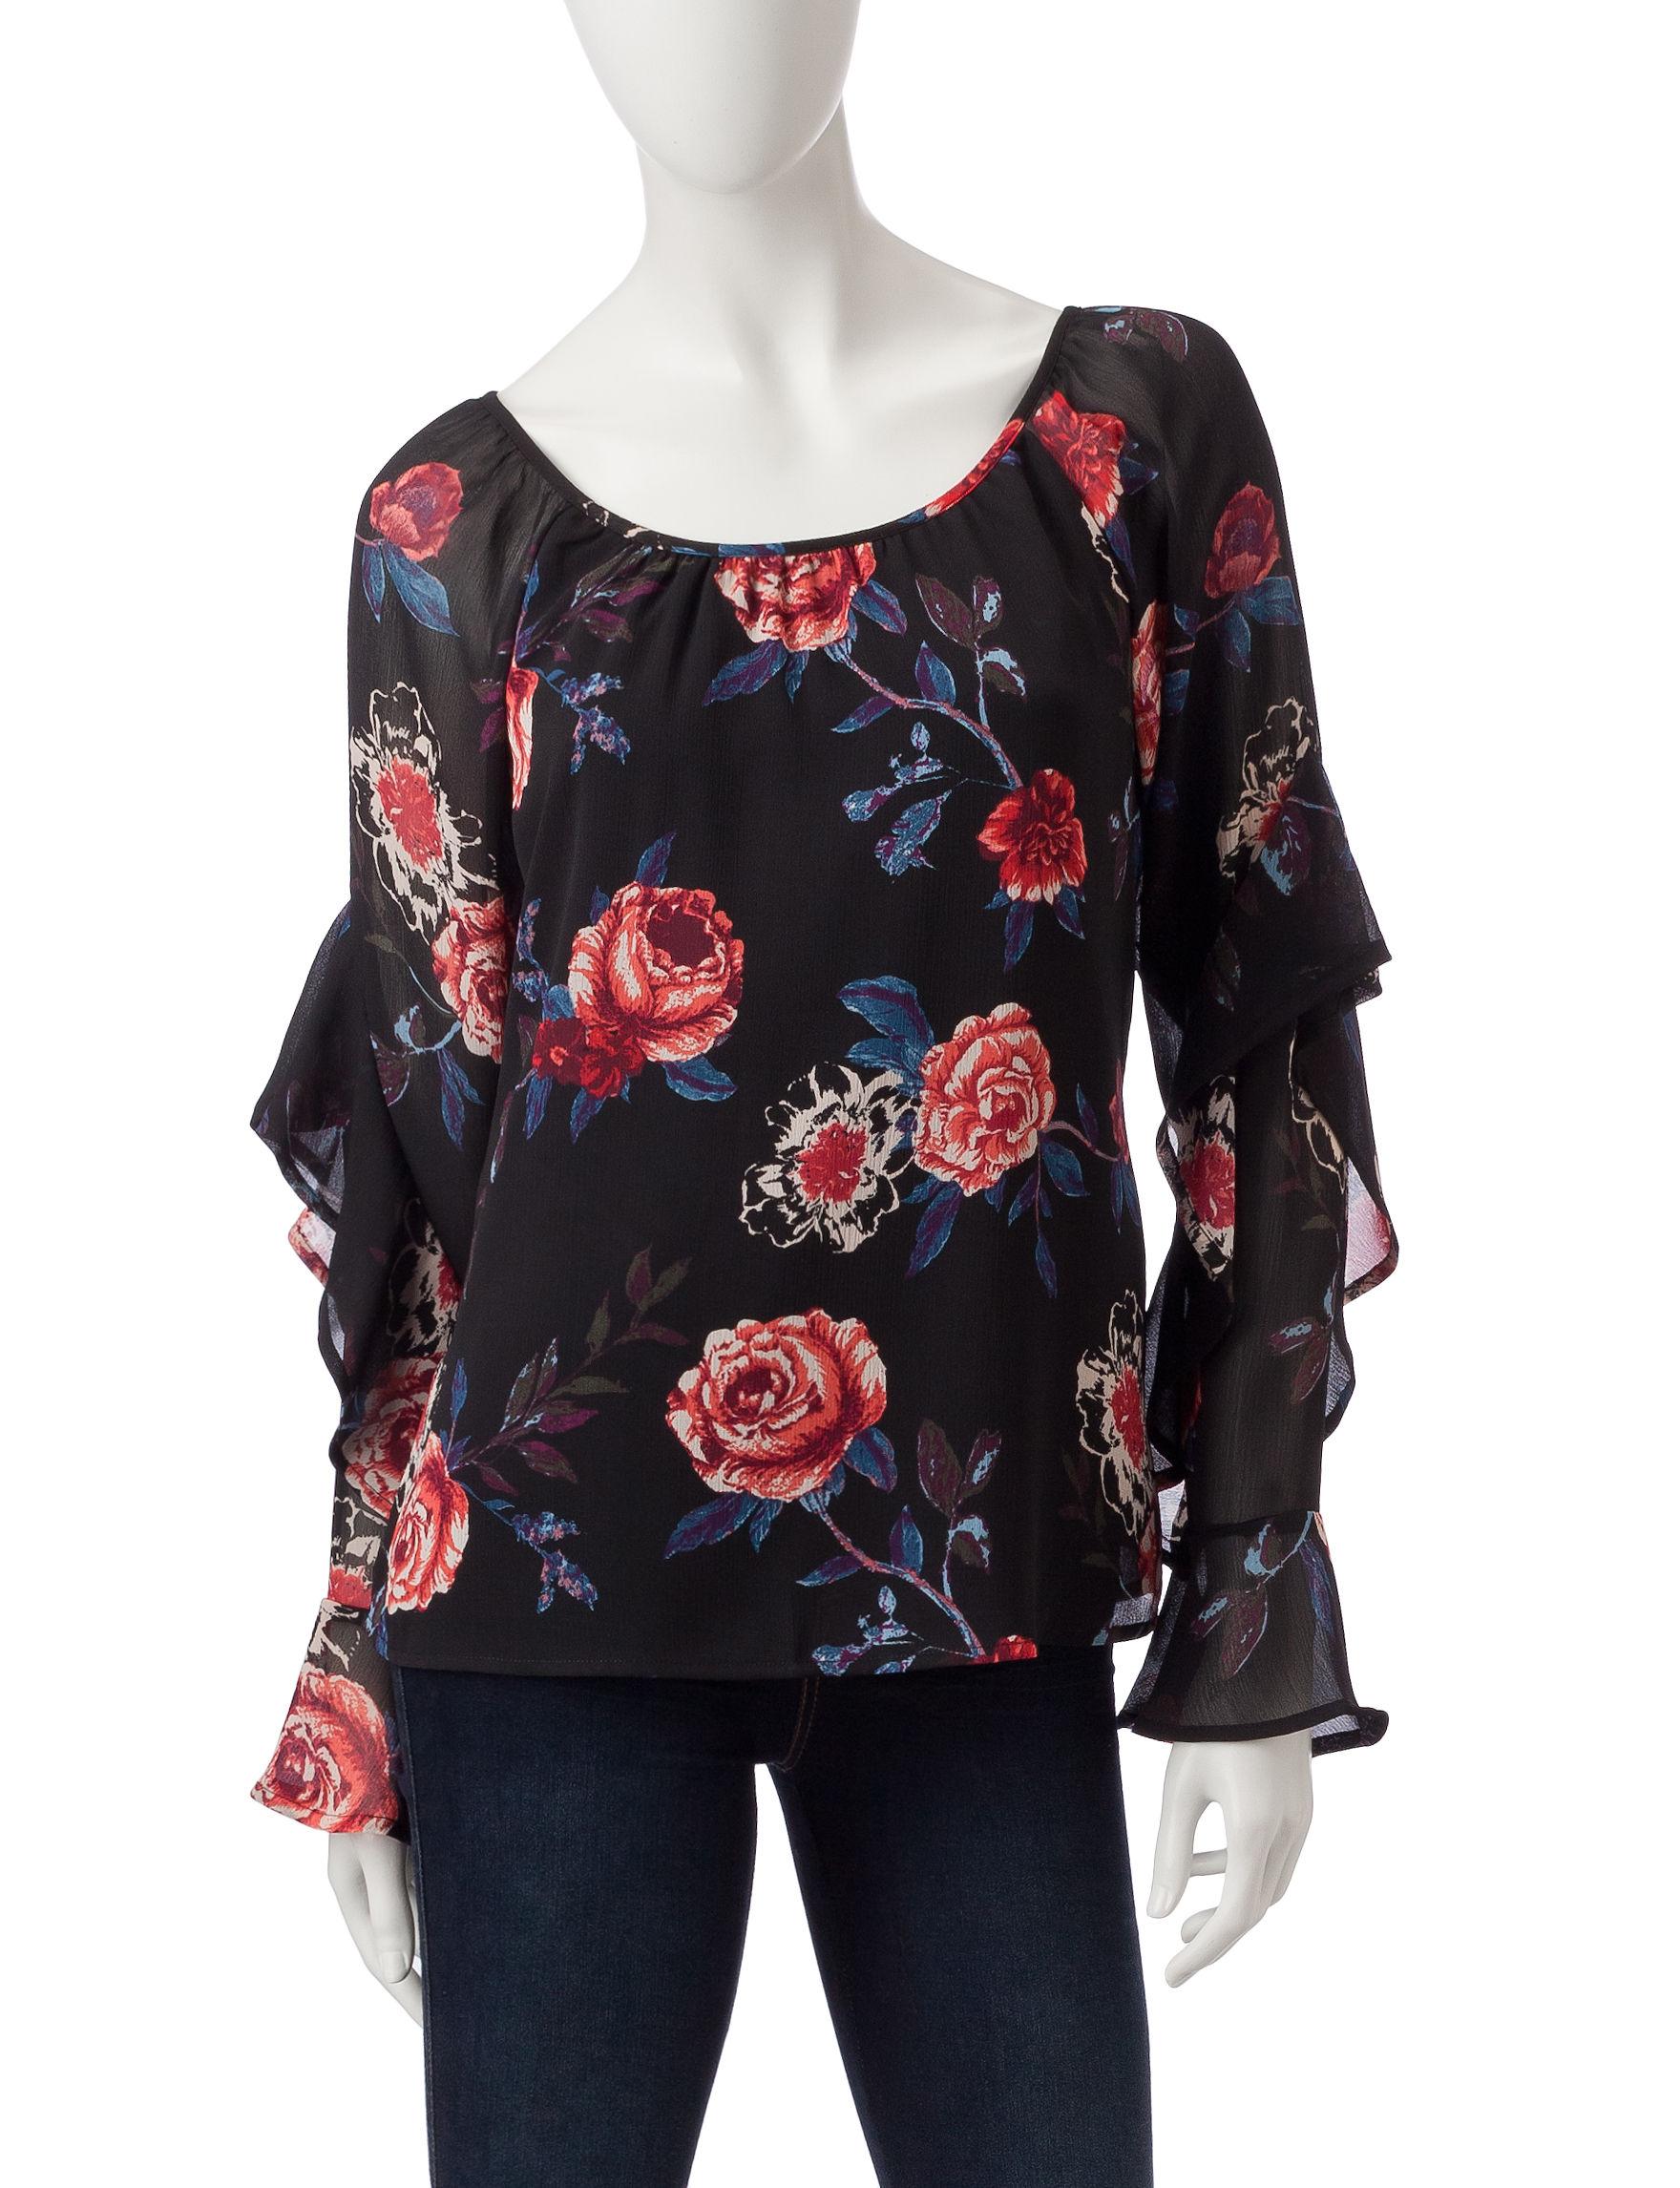 Heart Soul Black Floral Shirts & Blouses